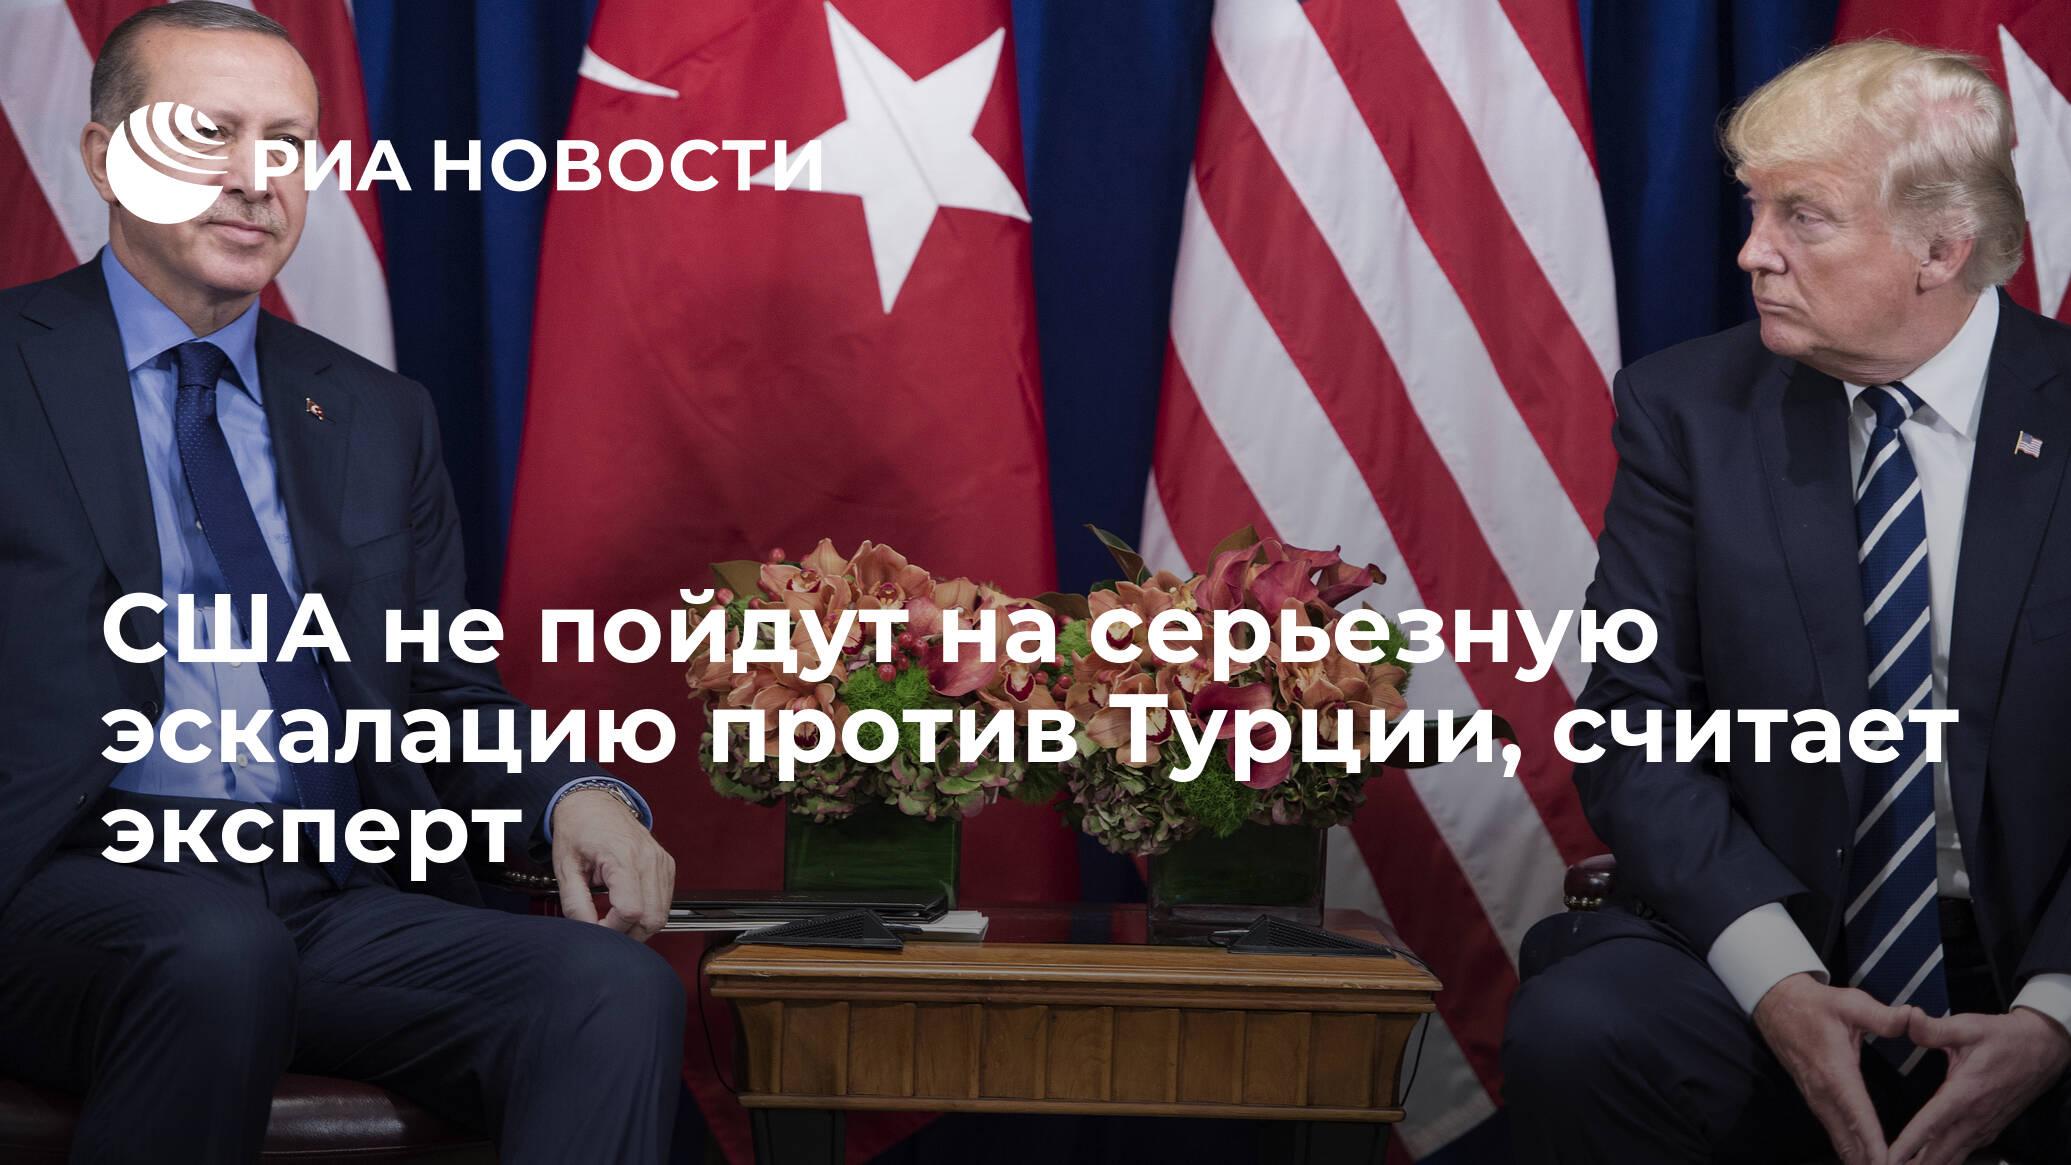 d9f10e921663e8a США не пойдут на серьезную эскалацию против Турции, считает эксперт - РИА  Новости, 15.08.2018